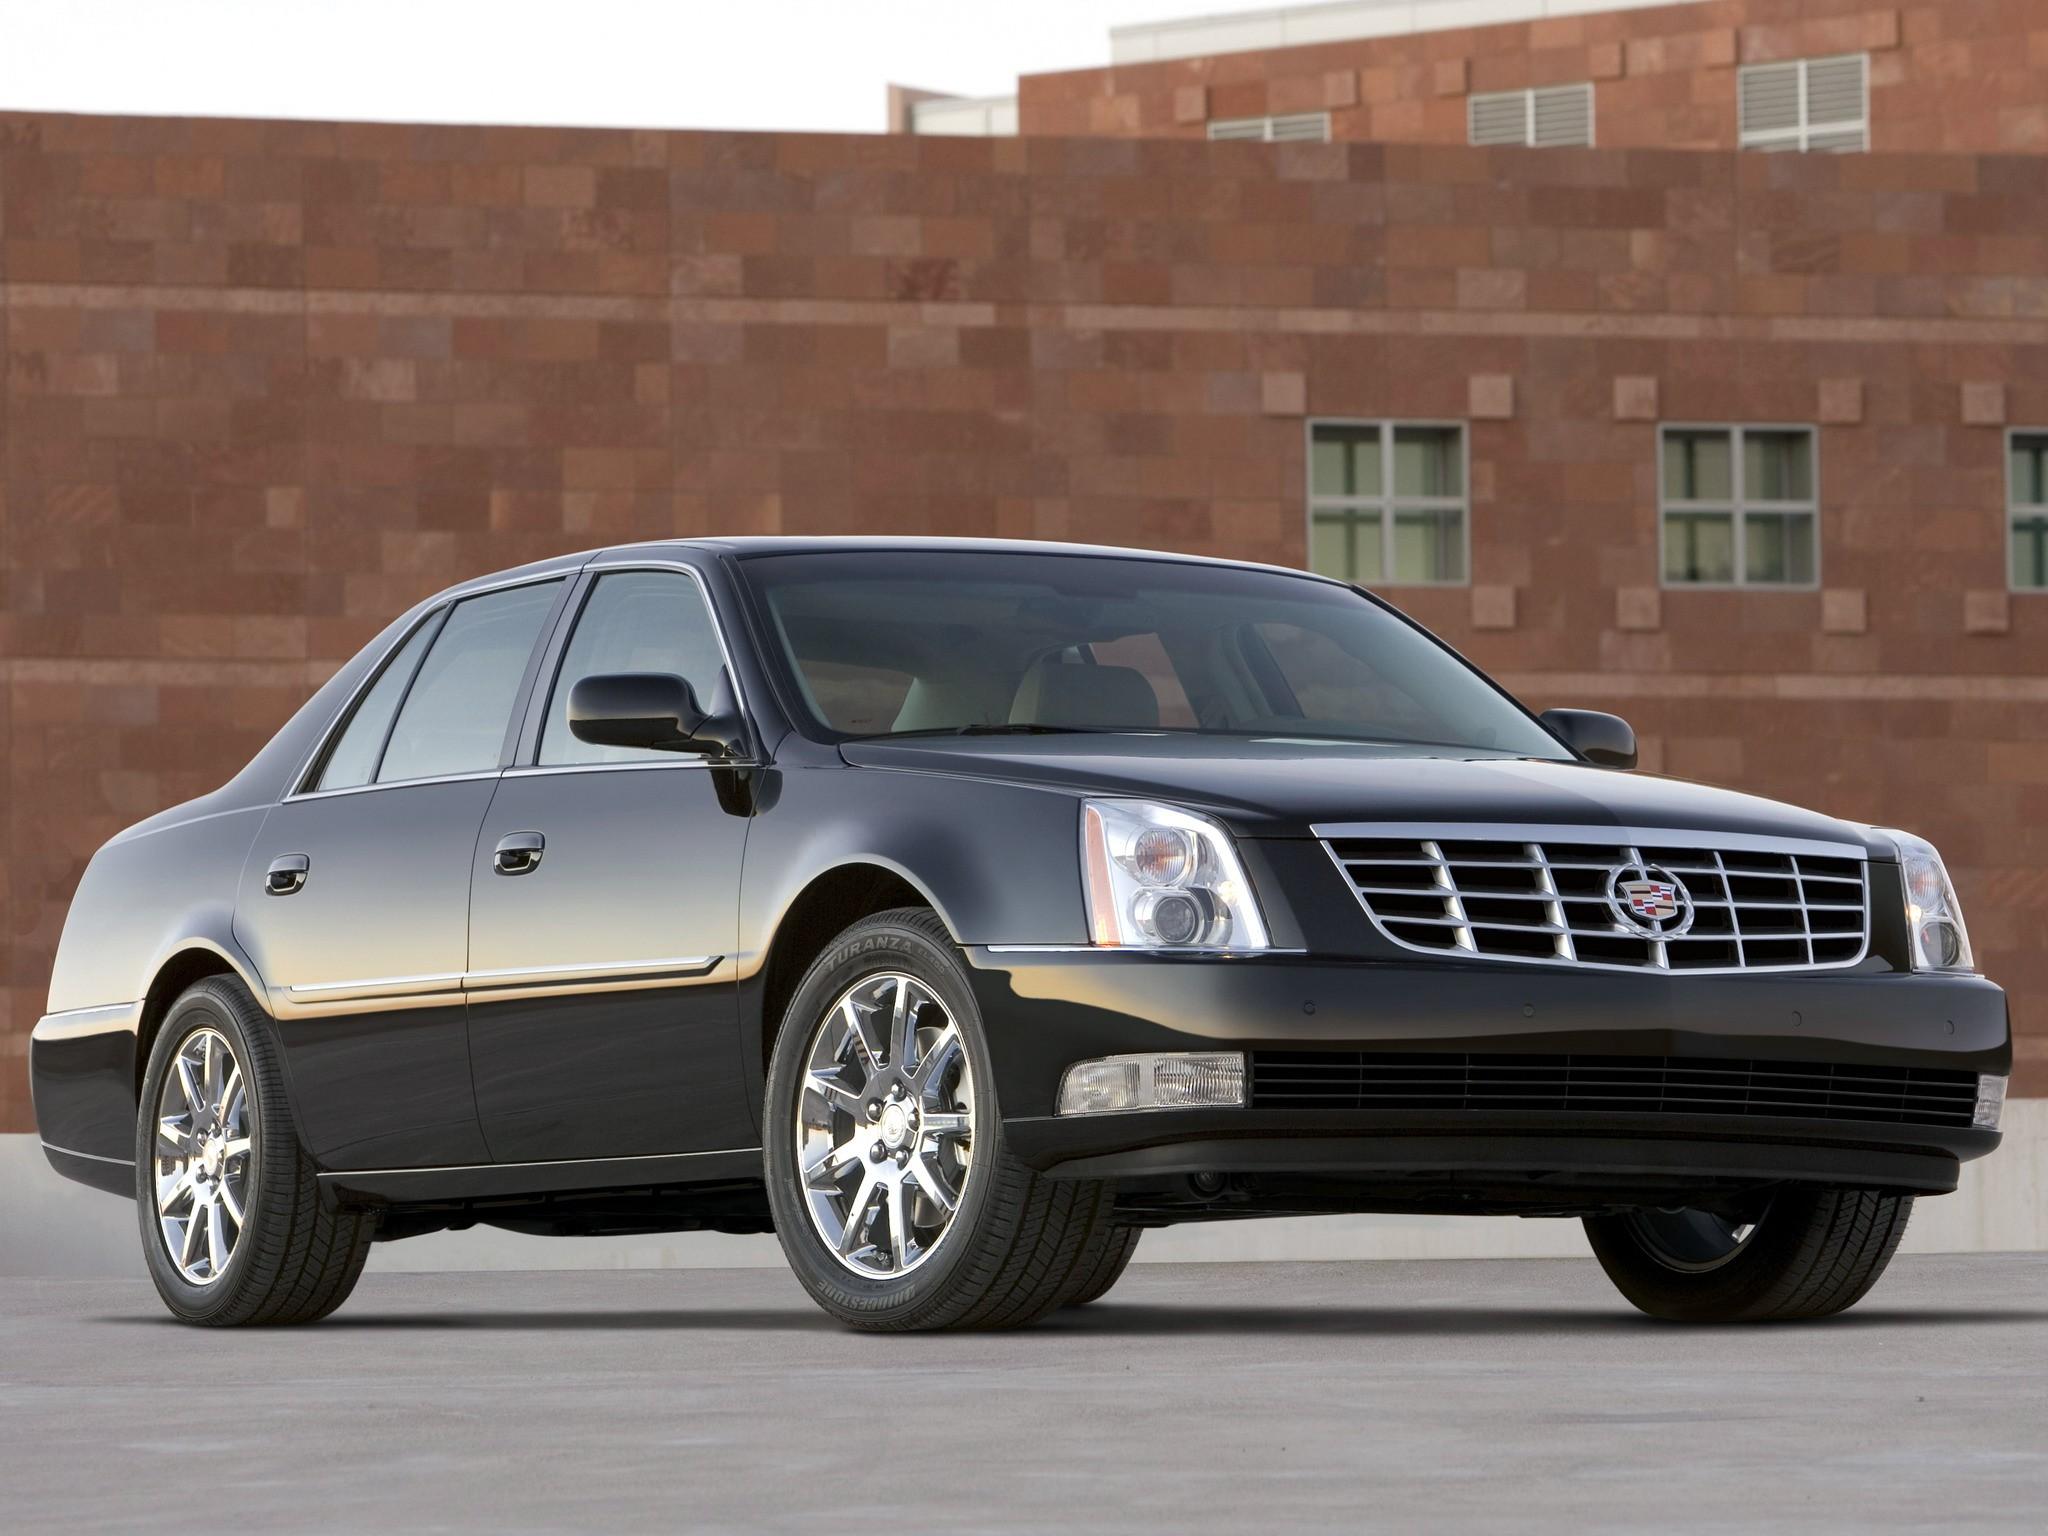 dts cadillac 2008 autoevolution 2009 cars